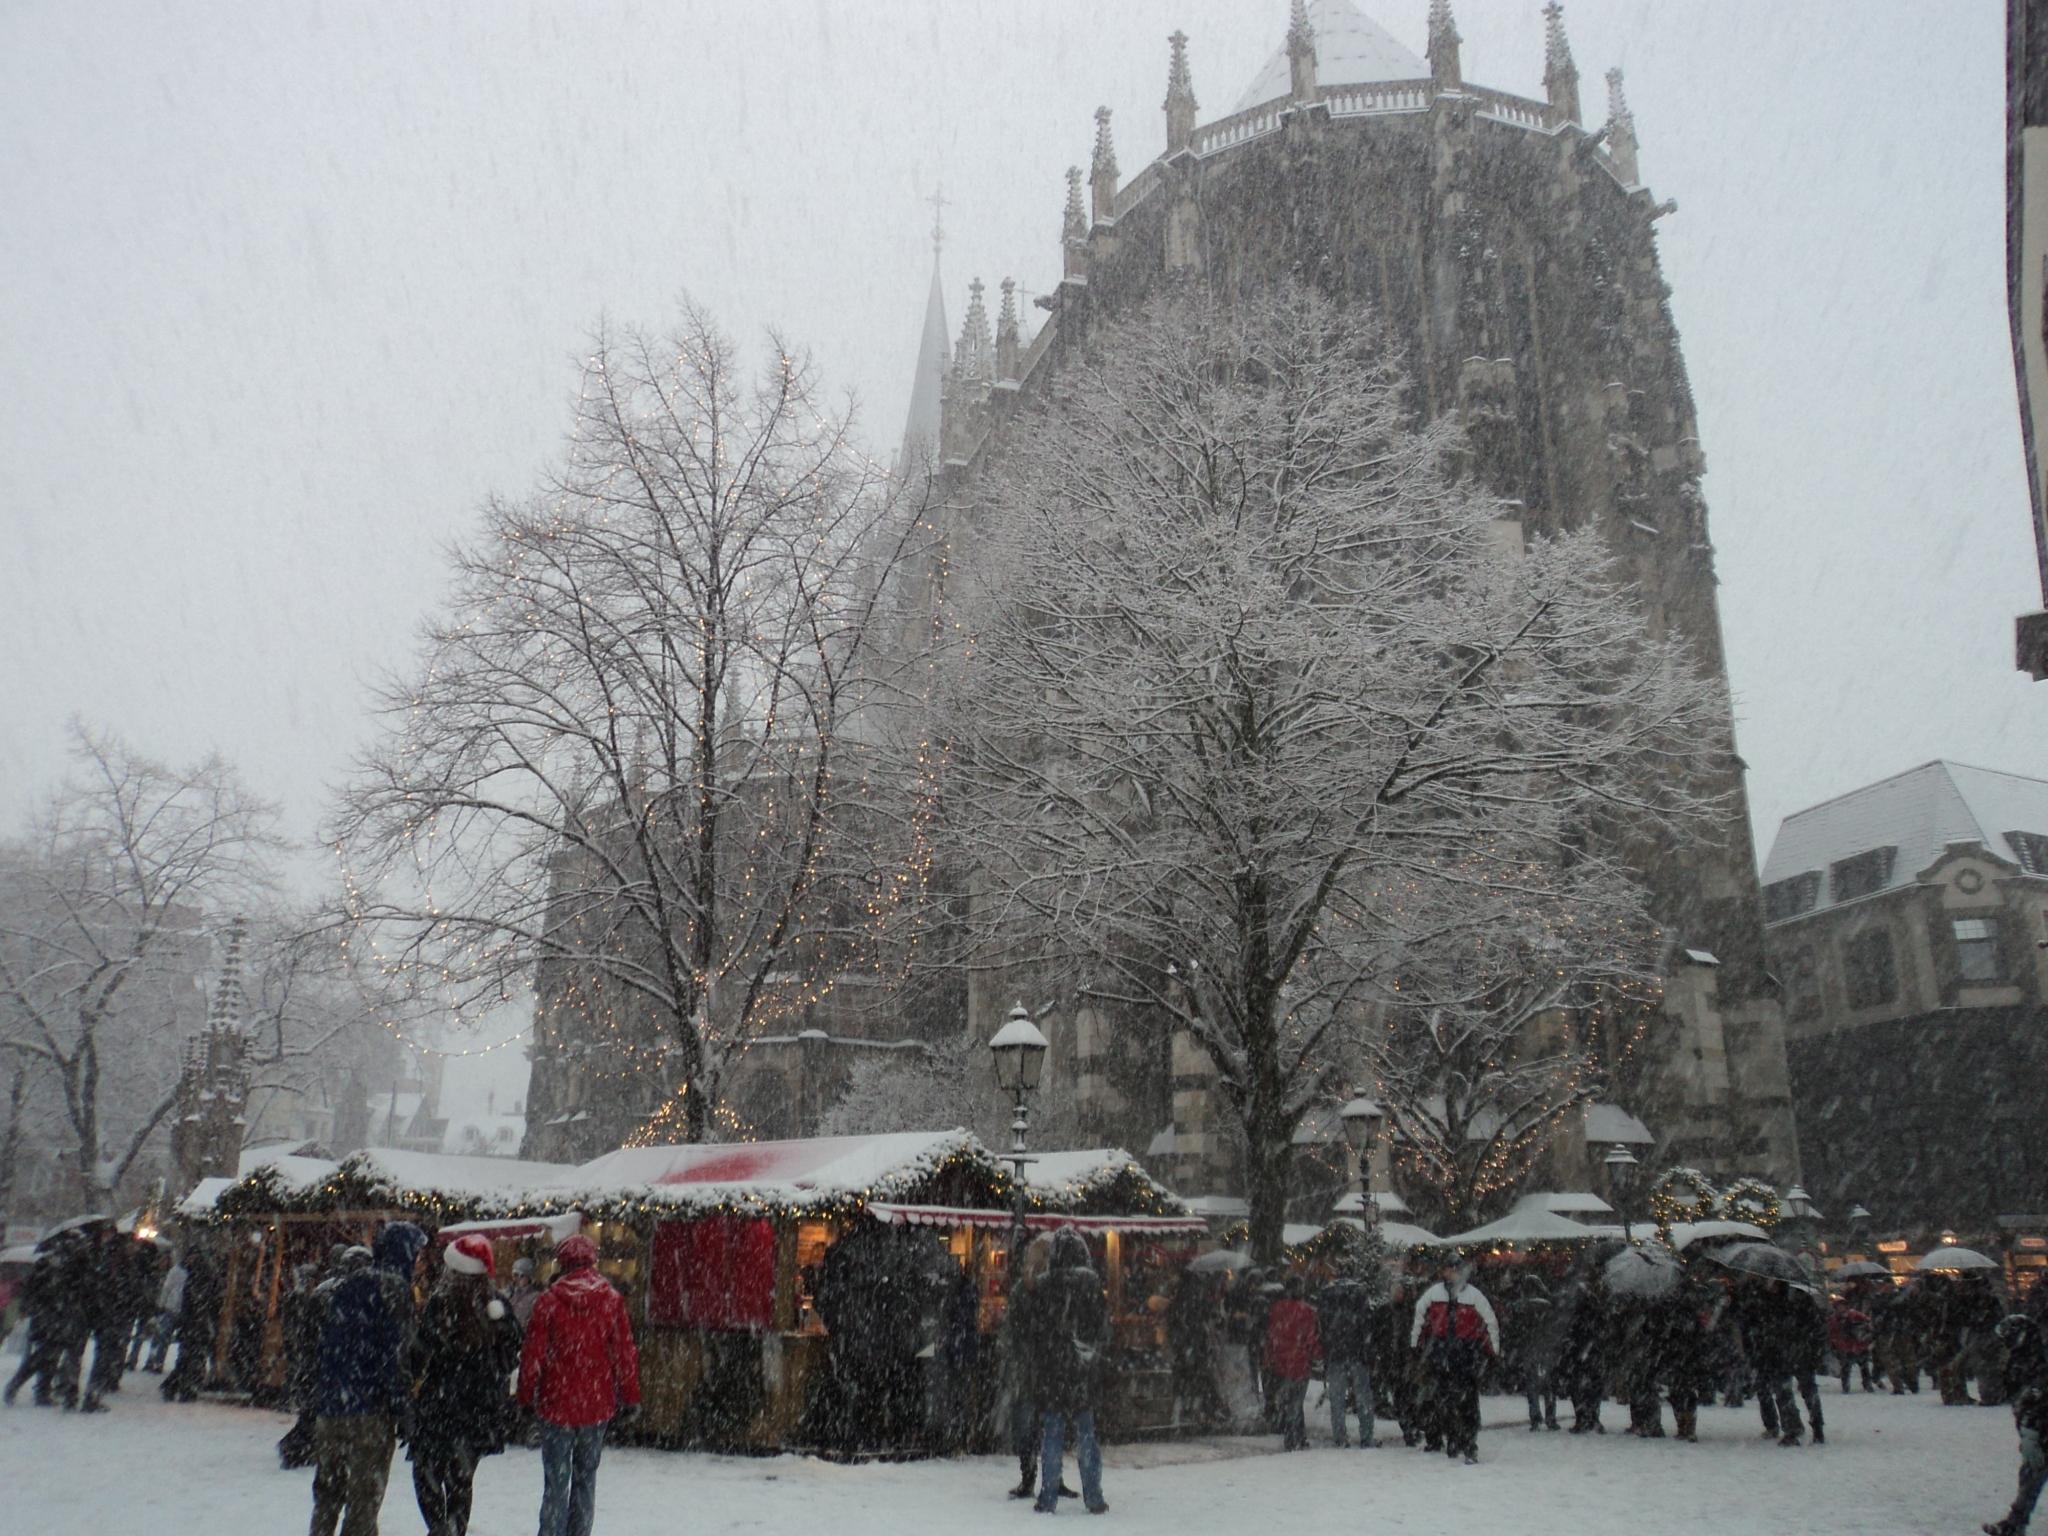 Weihnachtsmarkt Frankenberg.Aachener Weihnachtsmarkt Auf Platz 1 Aachenerkinder De